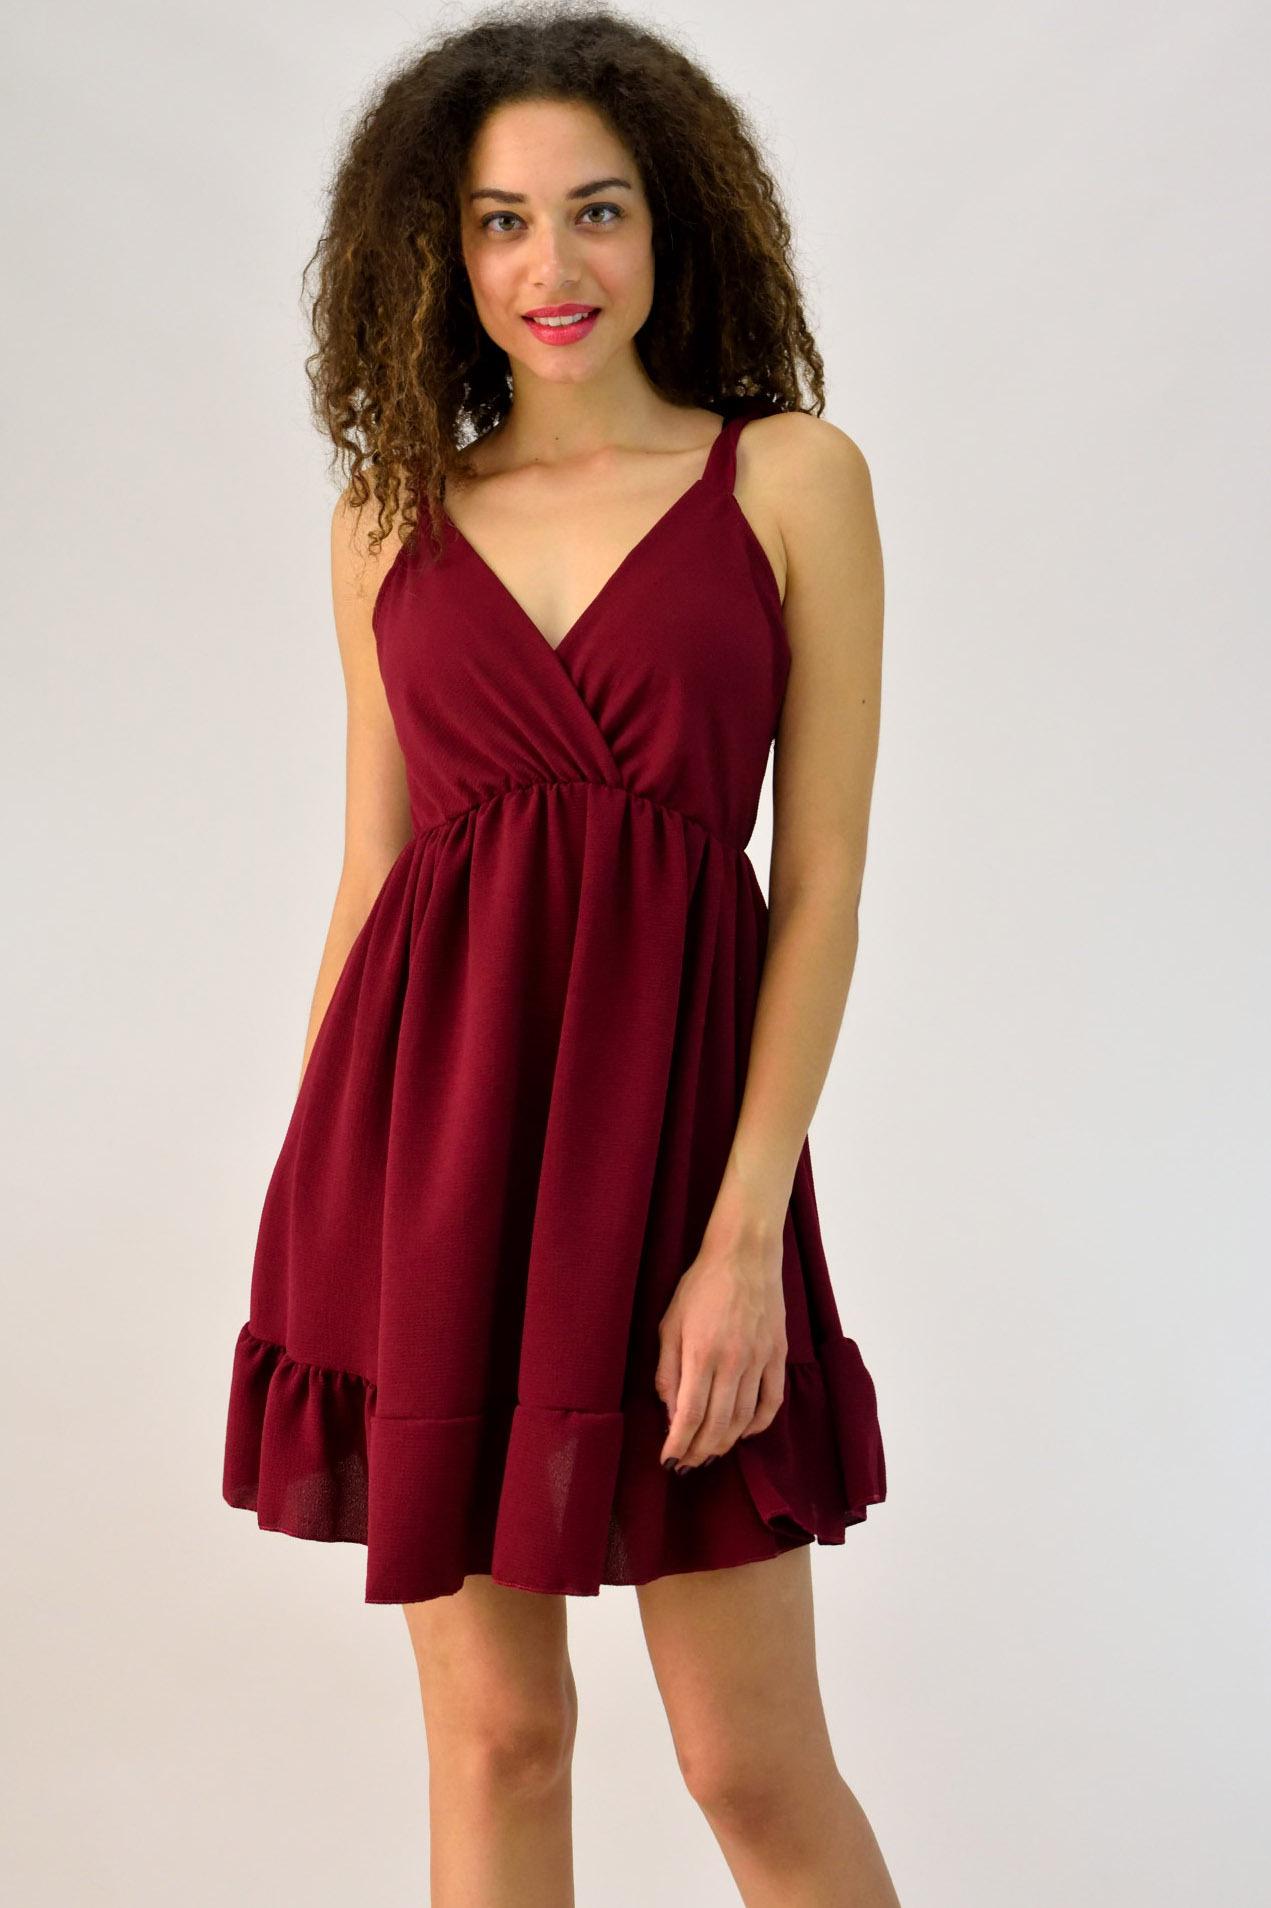 fce87c2b9d2e Μίνι φόρεμα κρουαζέ με βολάν